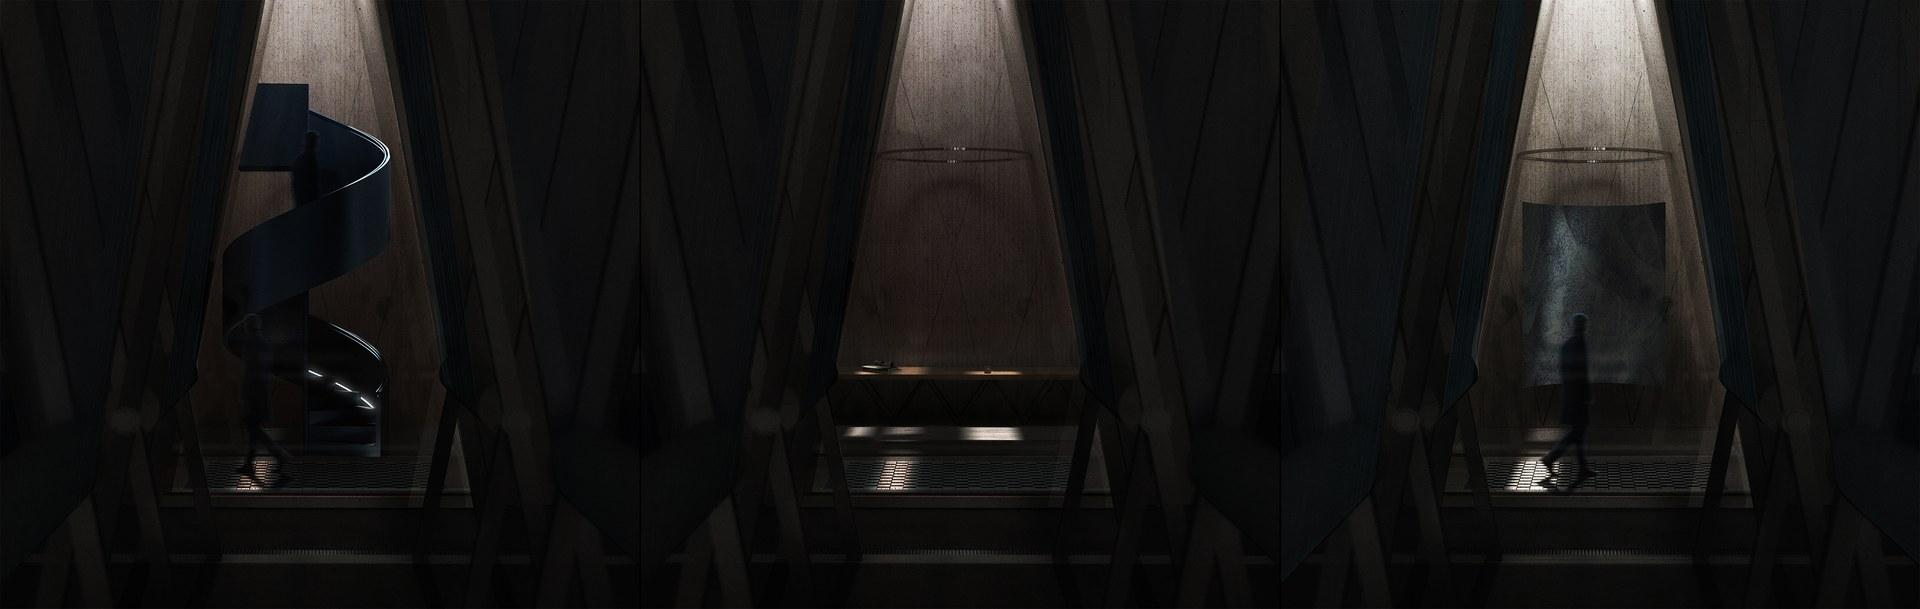 Incubation Hall/Balcony